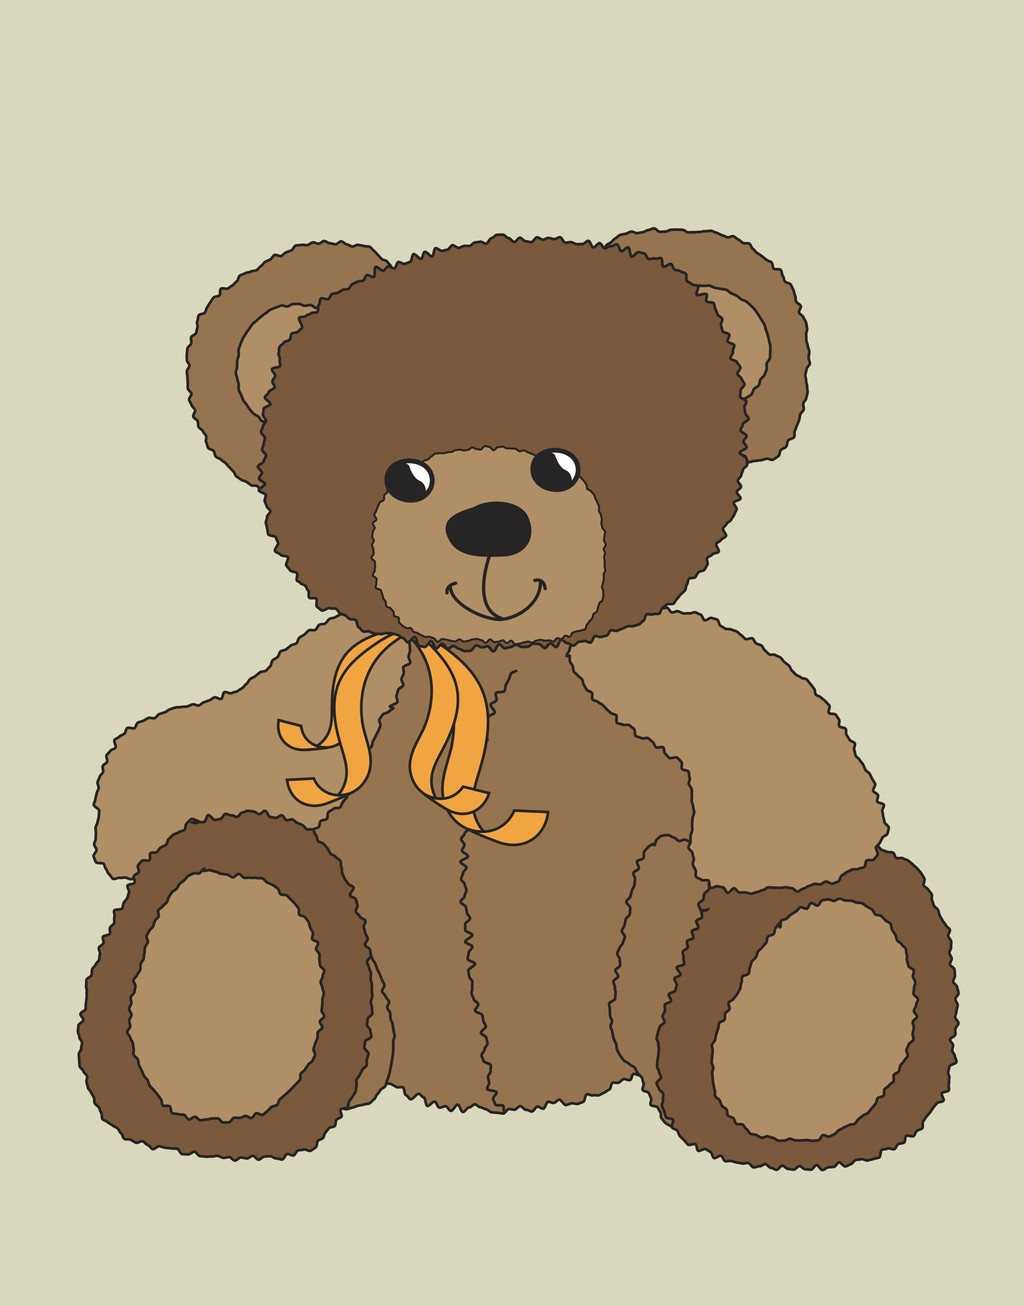 卡通动物插画小熊